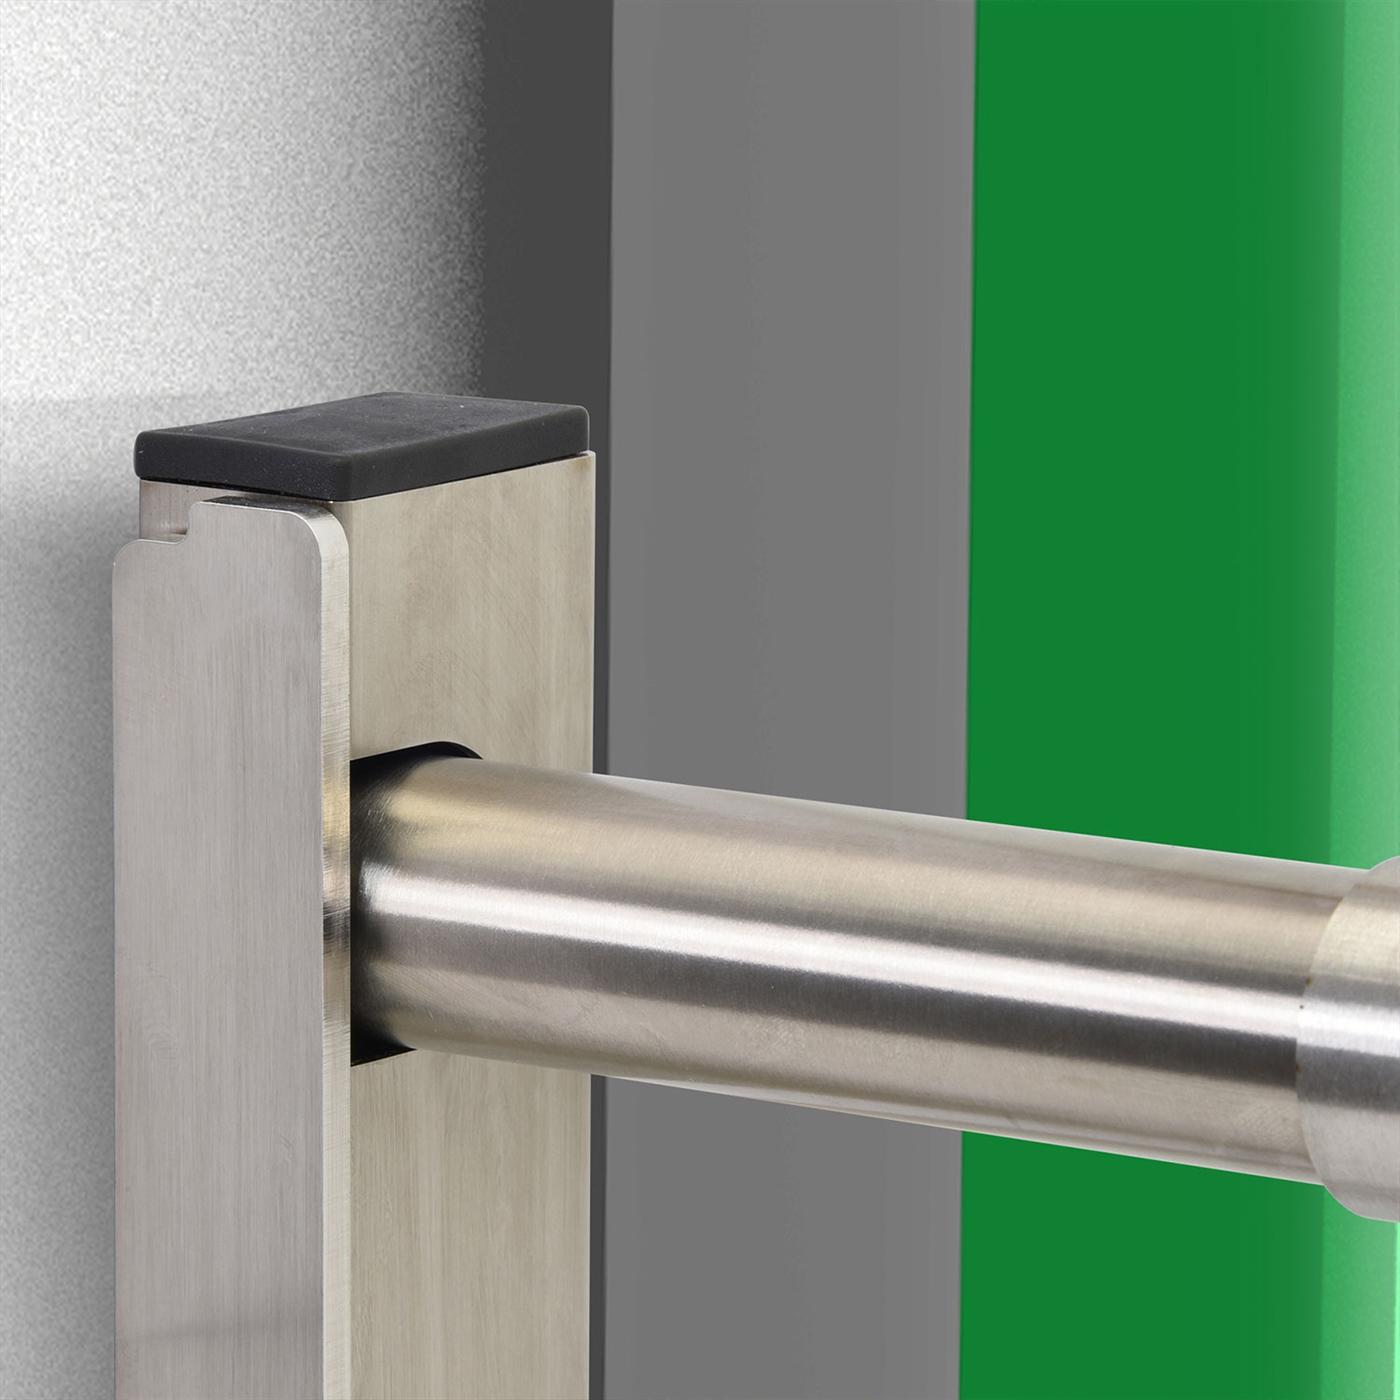 fenstersicherung sicherungsstange t rsicherung einbruchschutz 3fach 1000 1700mm eur 308 00. Black Bedroom Furniture Sets. Home Design Ideas